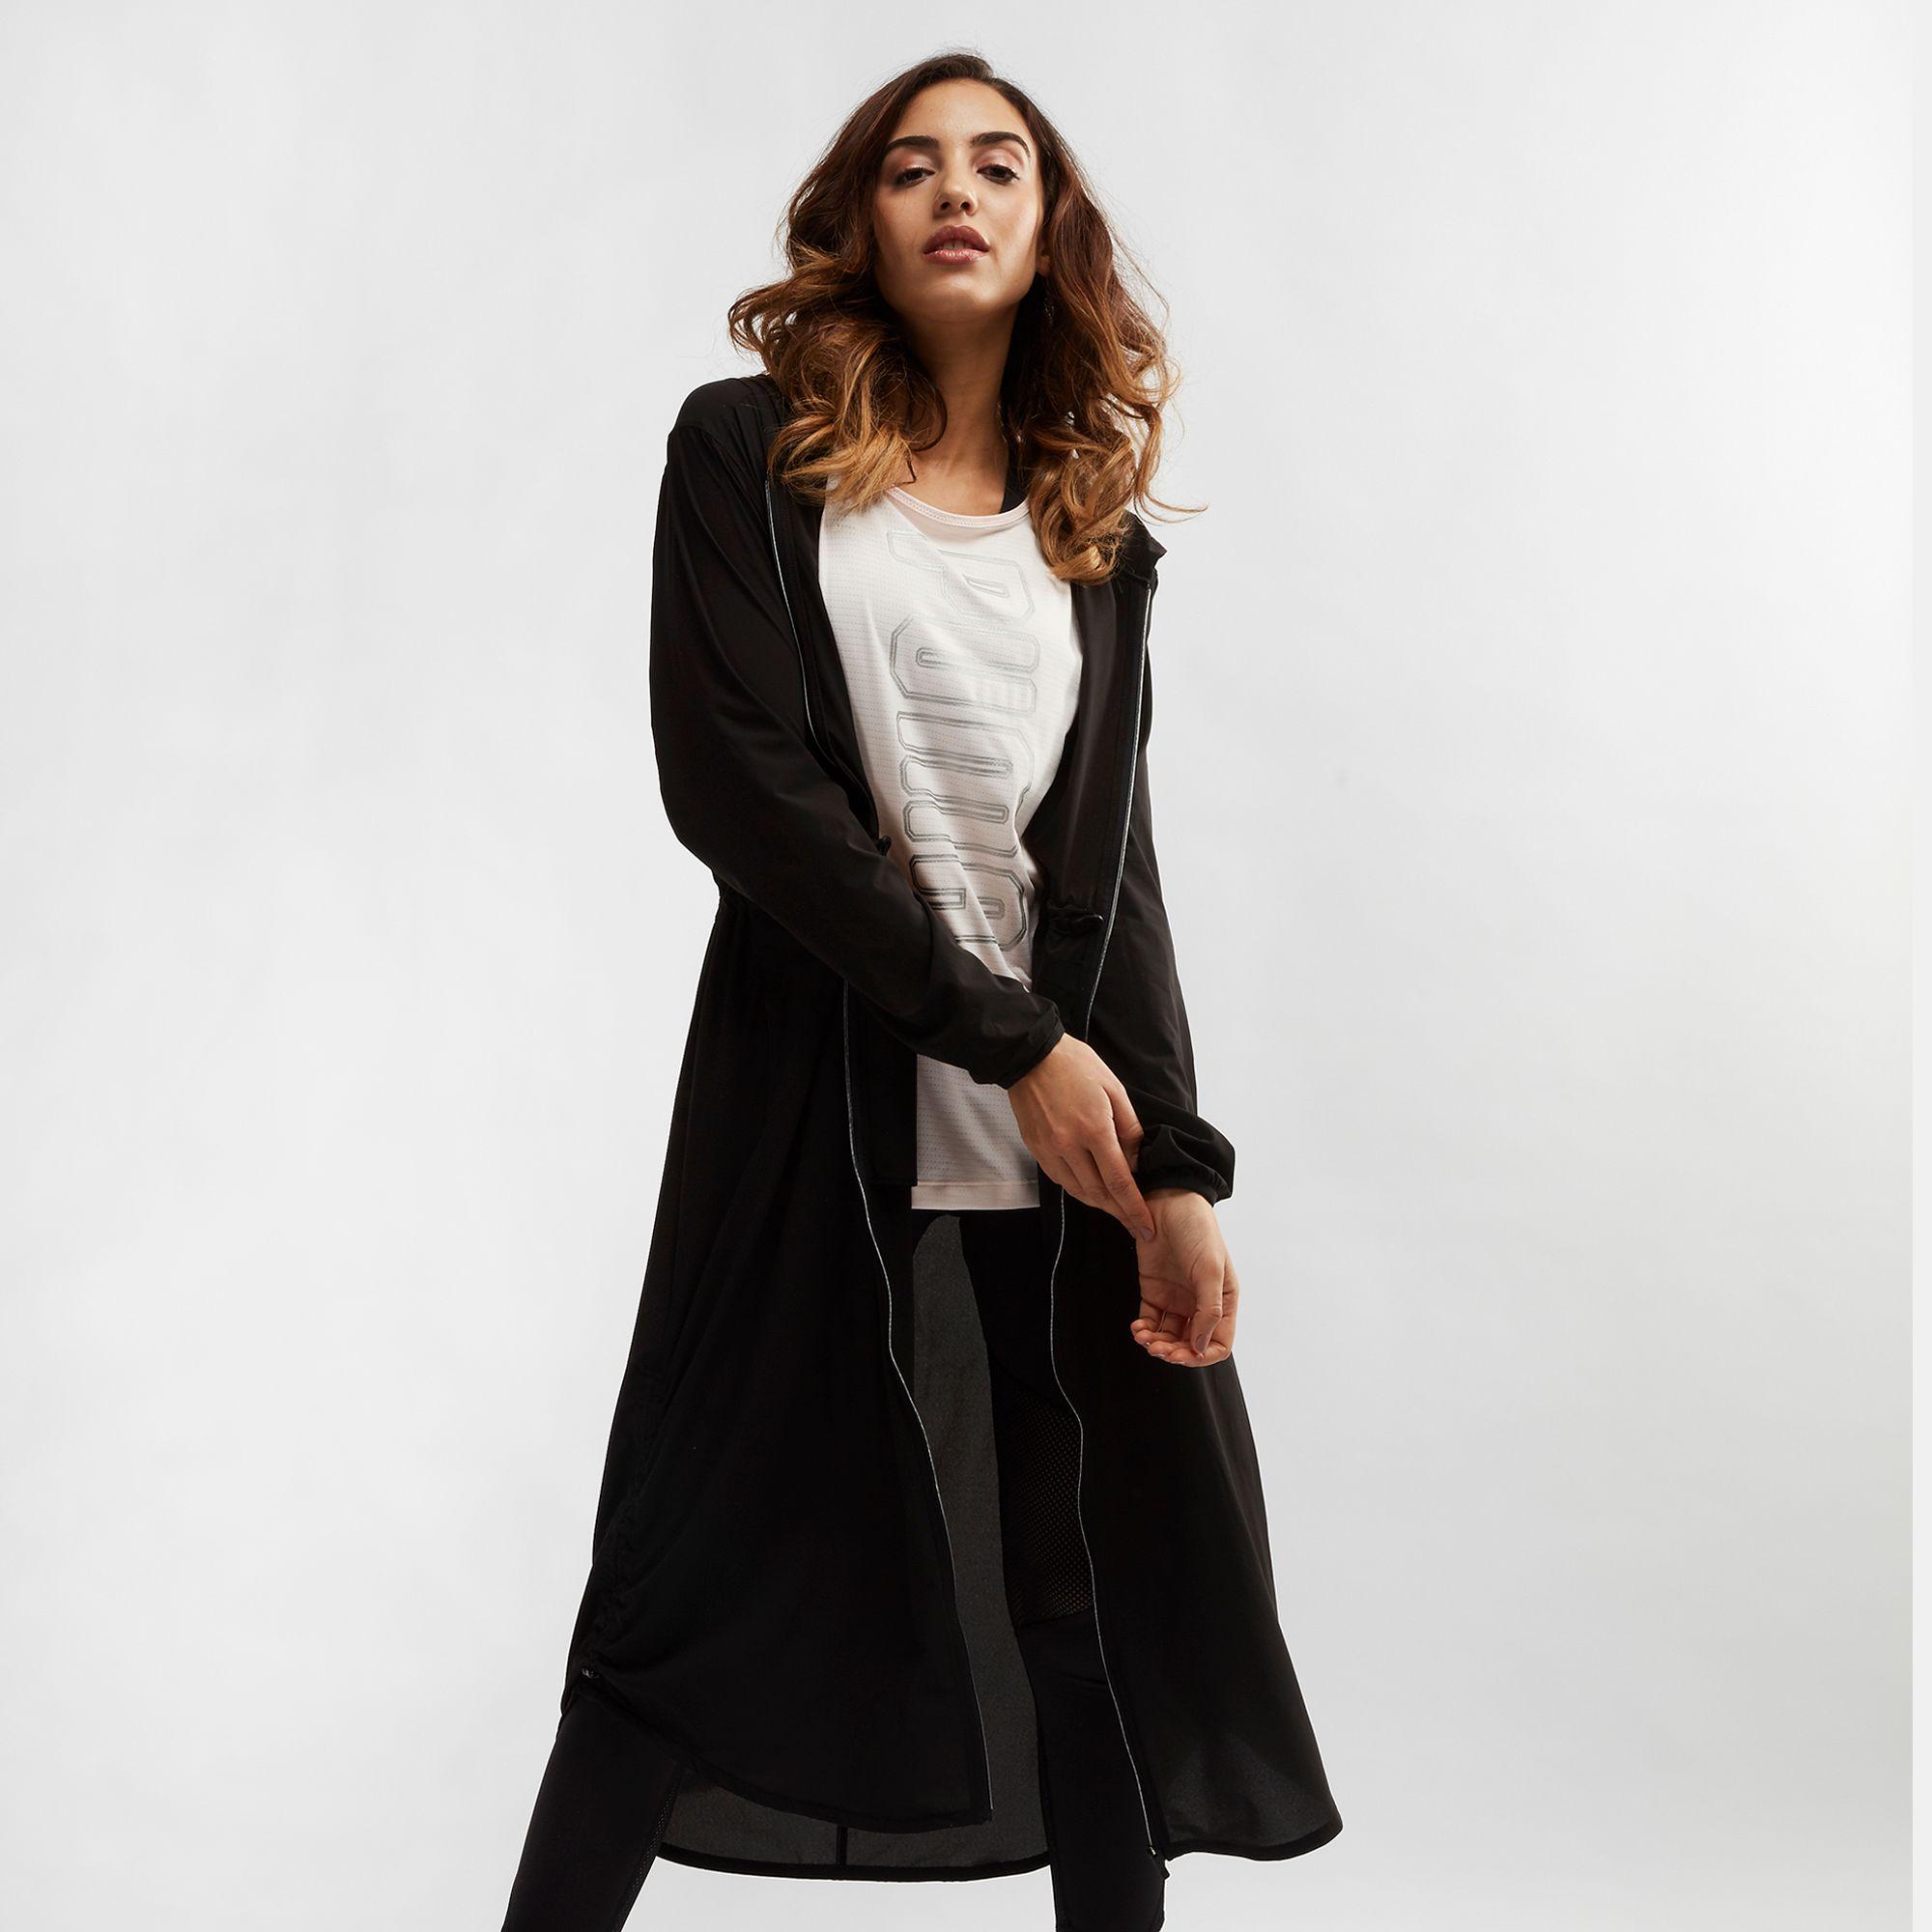 7b504f0c4831 Shop Black PUMA En Pointe Jacket for Womens by PUMA